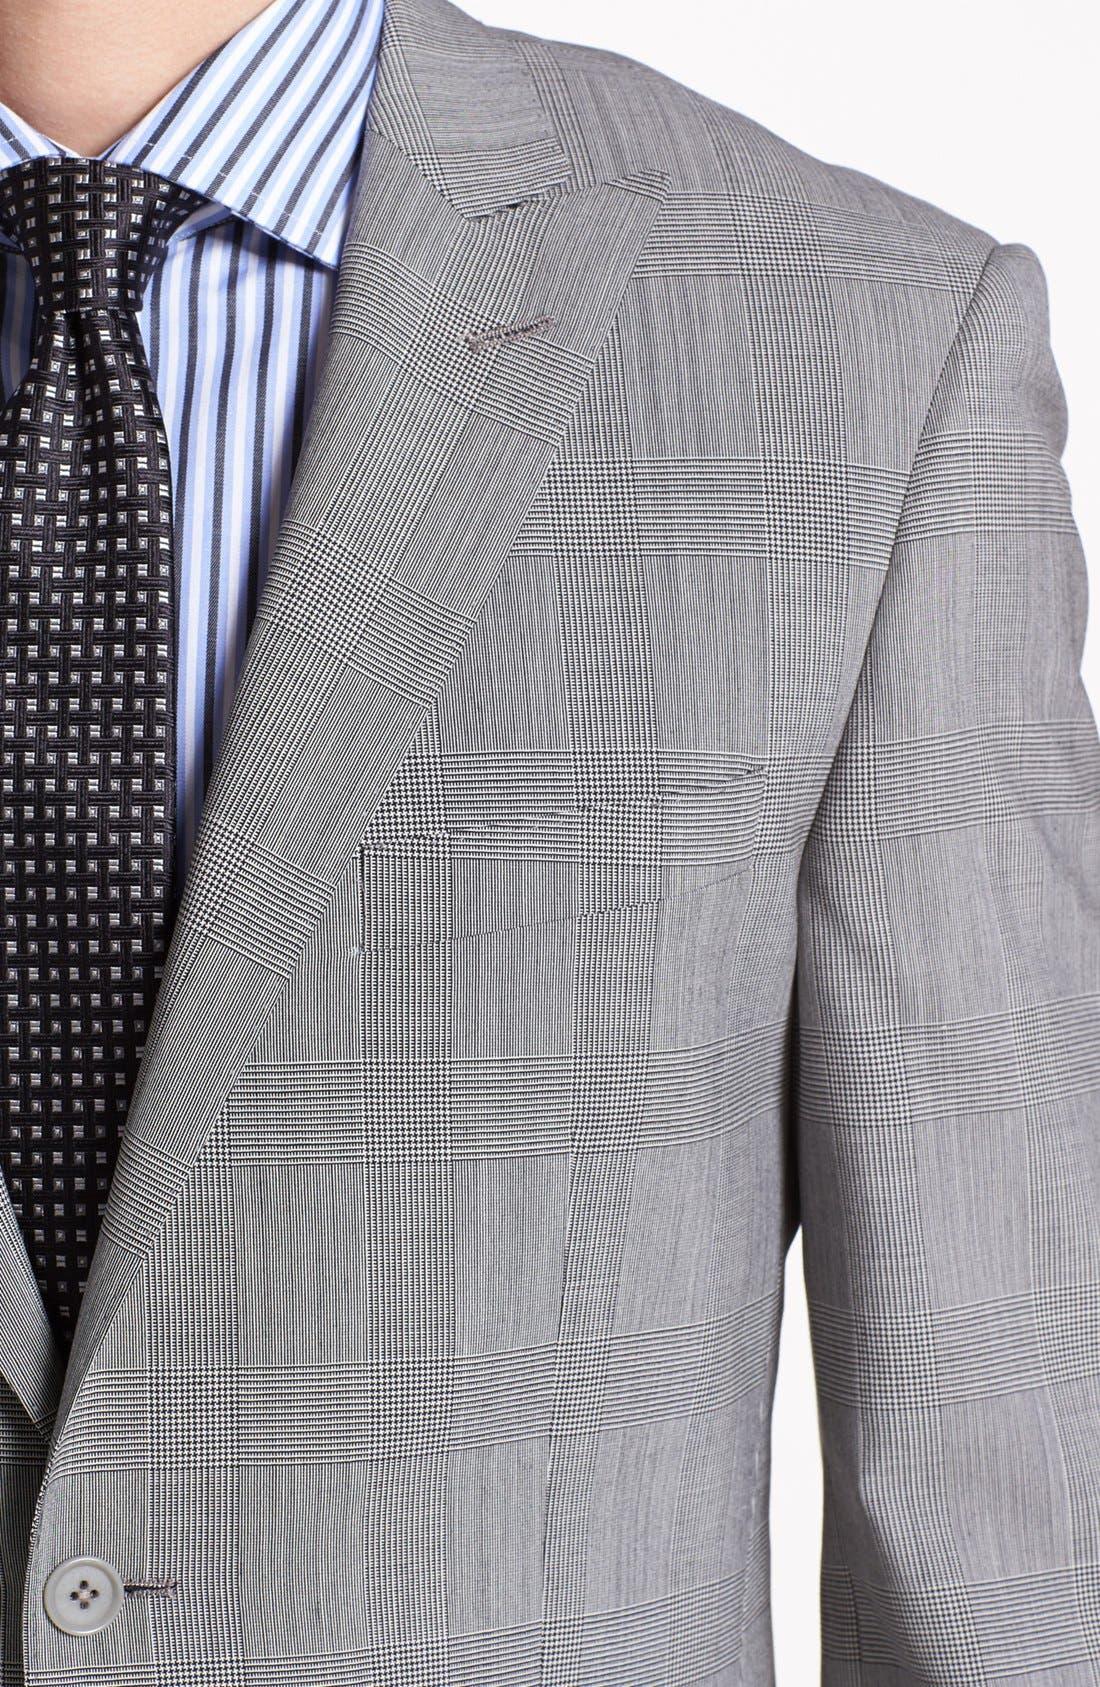 Alternate Image 2  - English Laundry Trim Fit Plaid Suit